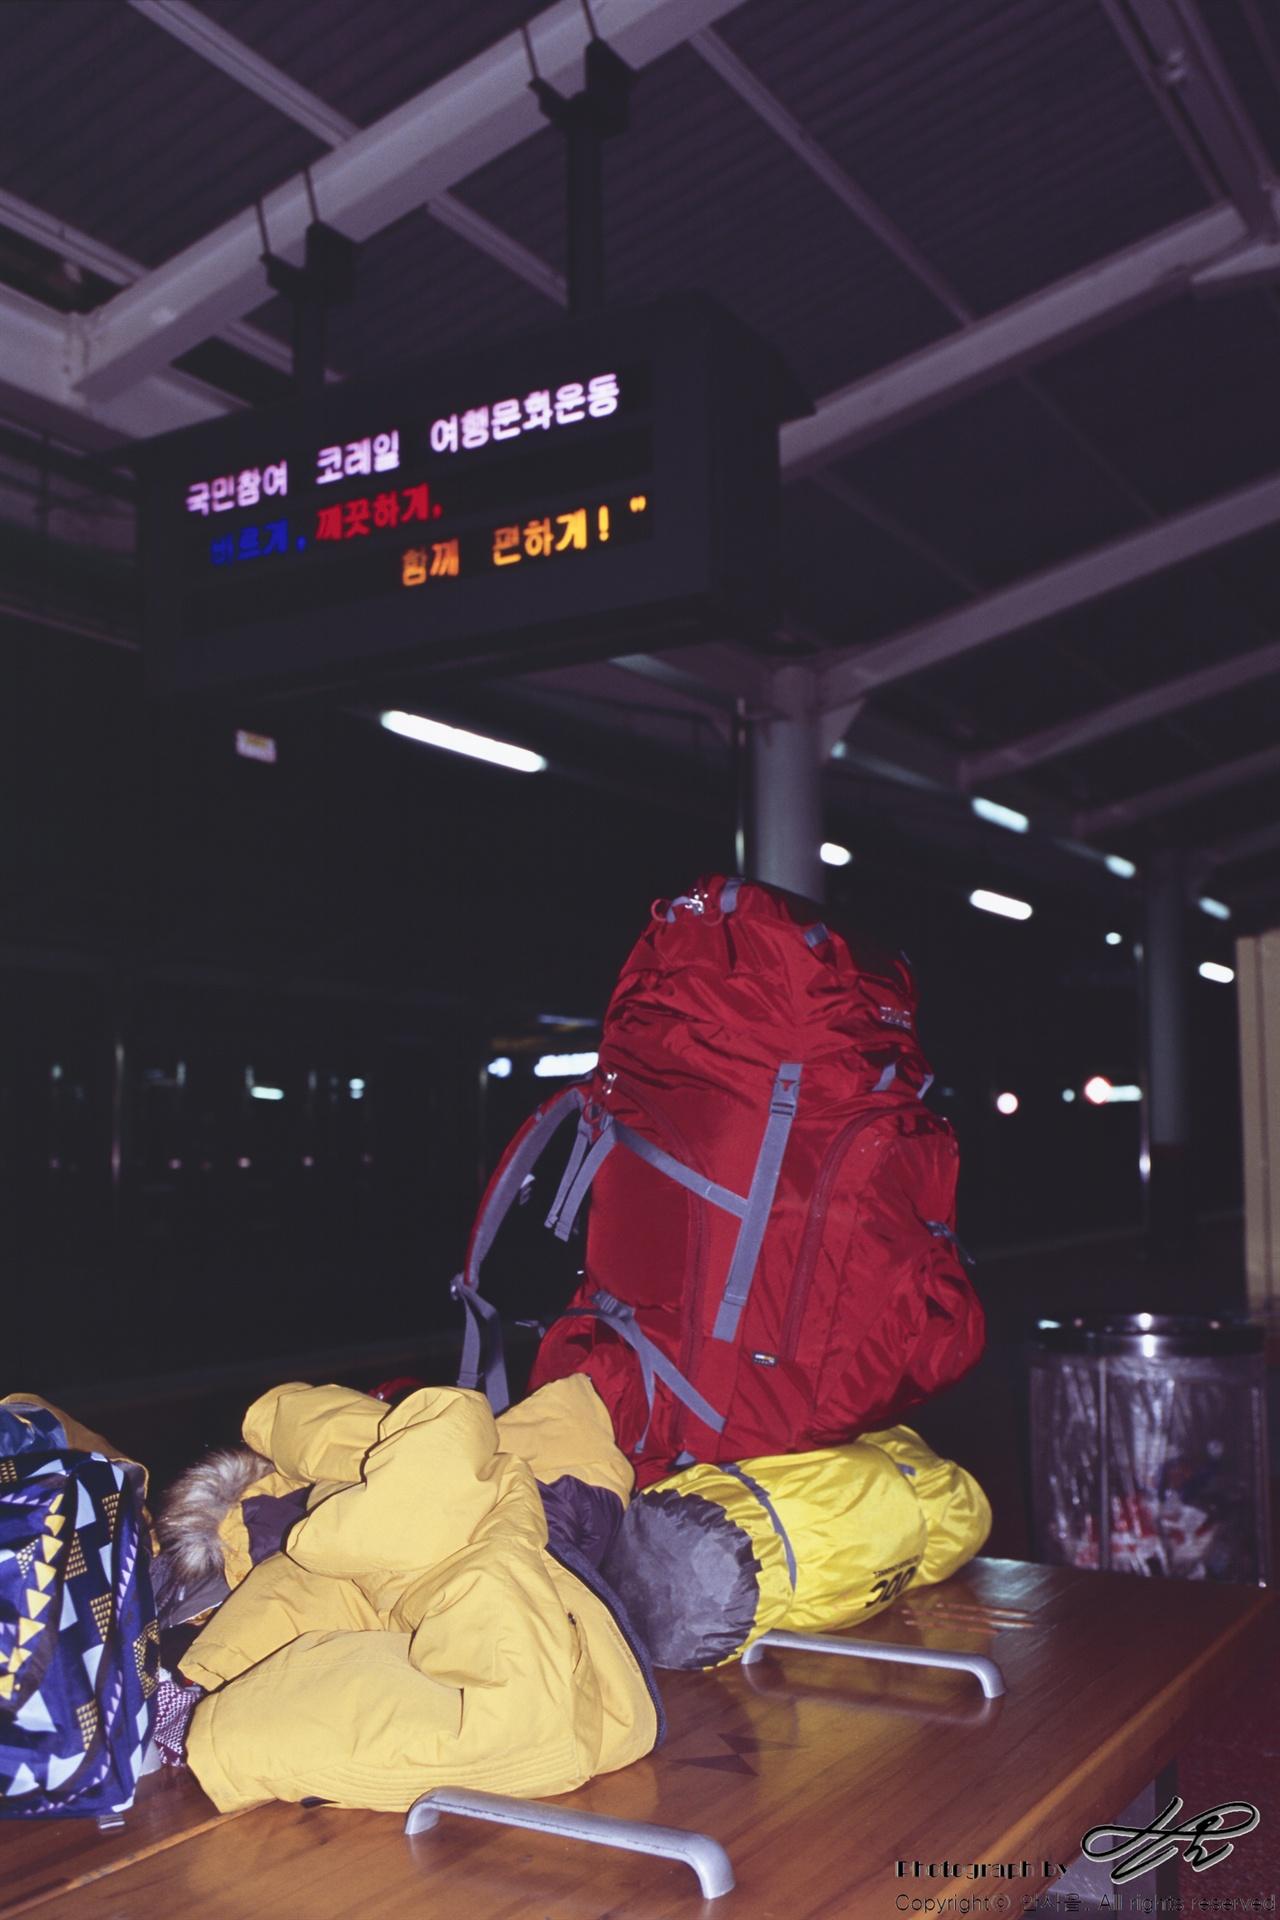 전주역에서 전주역에서 6시 21분에 출발하는 열차를 기다리고 있다.(CT100)